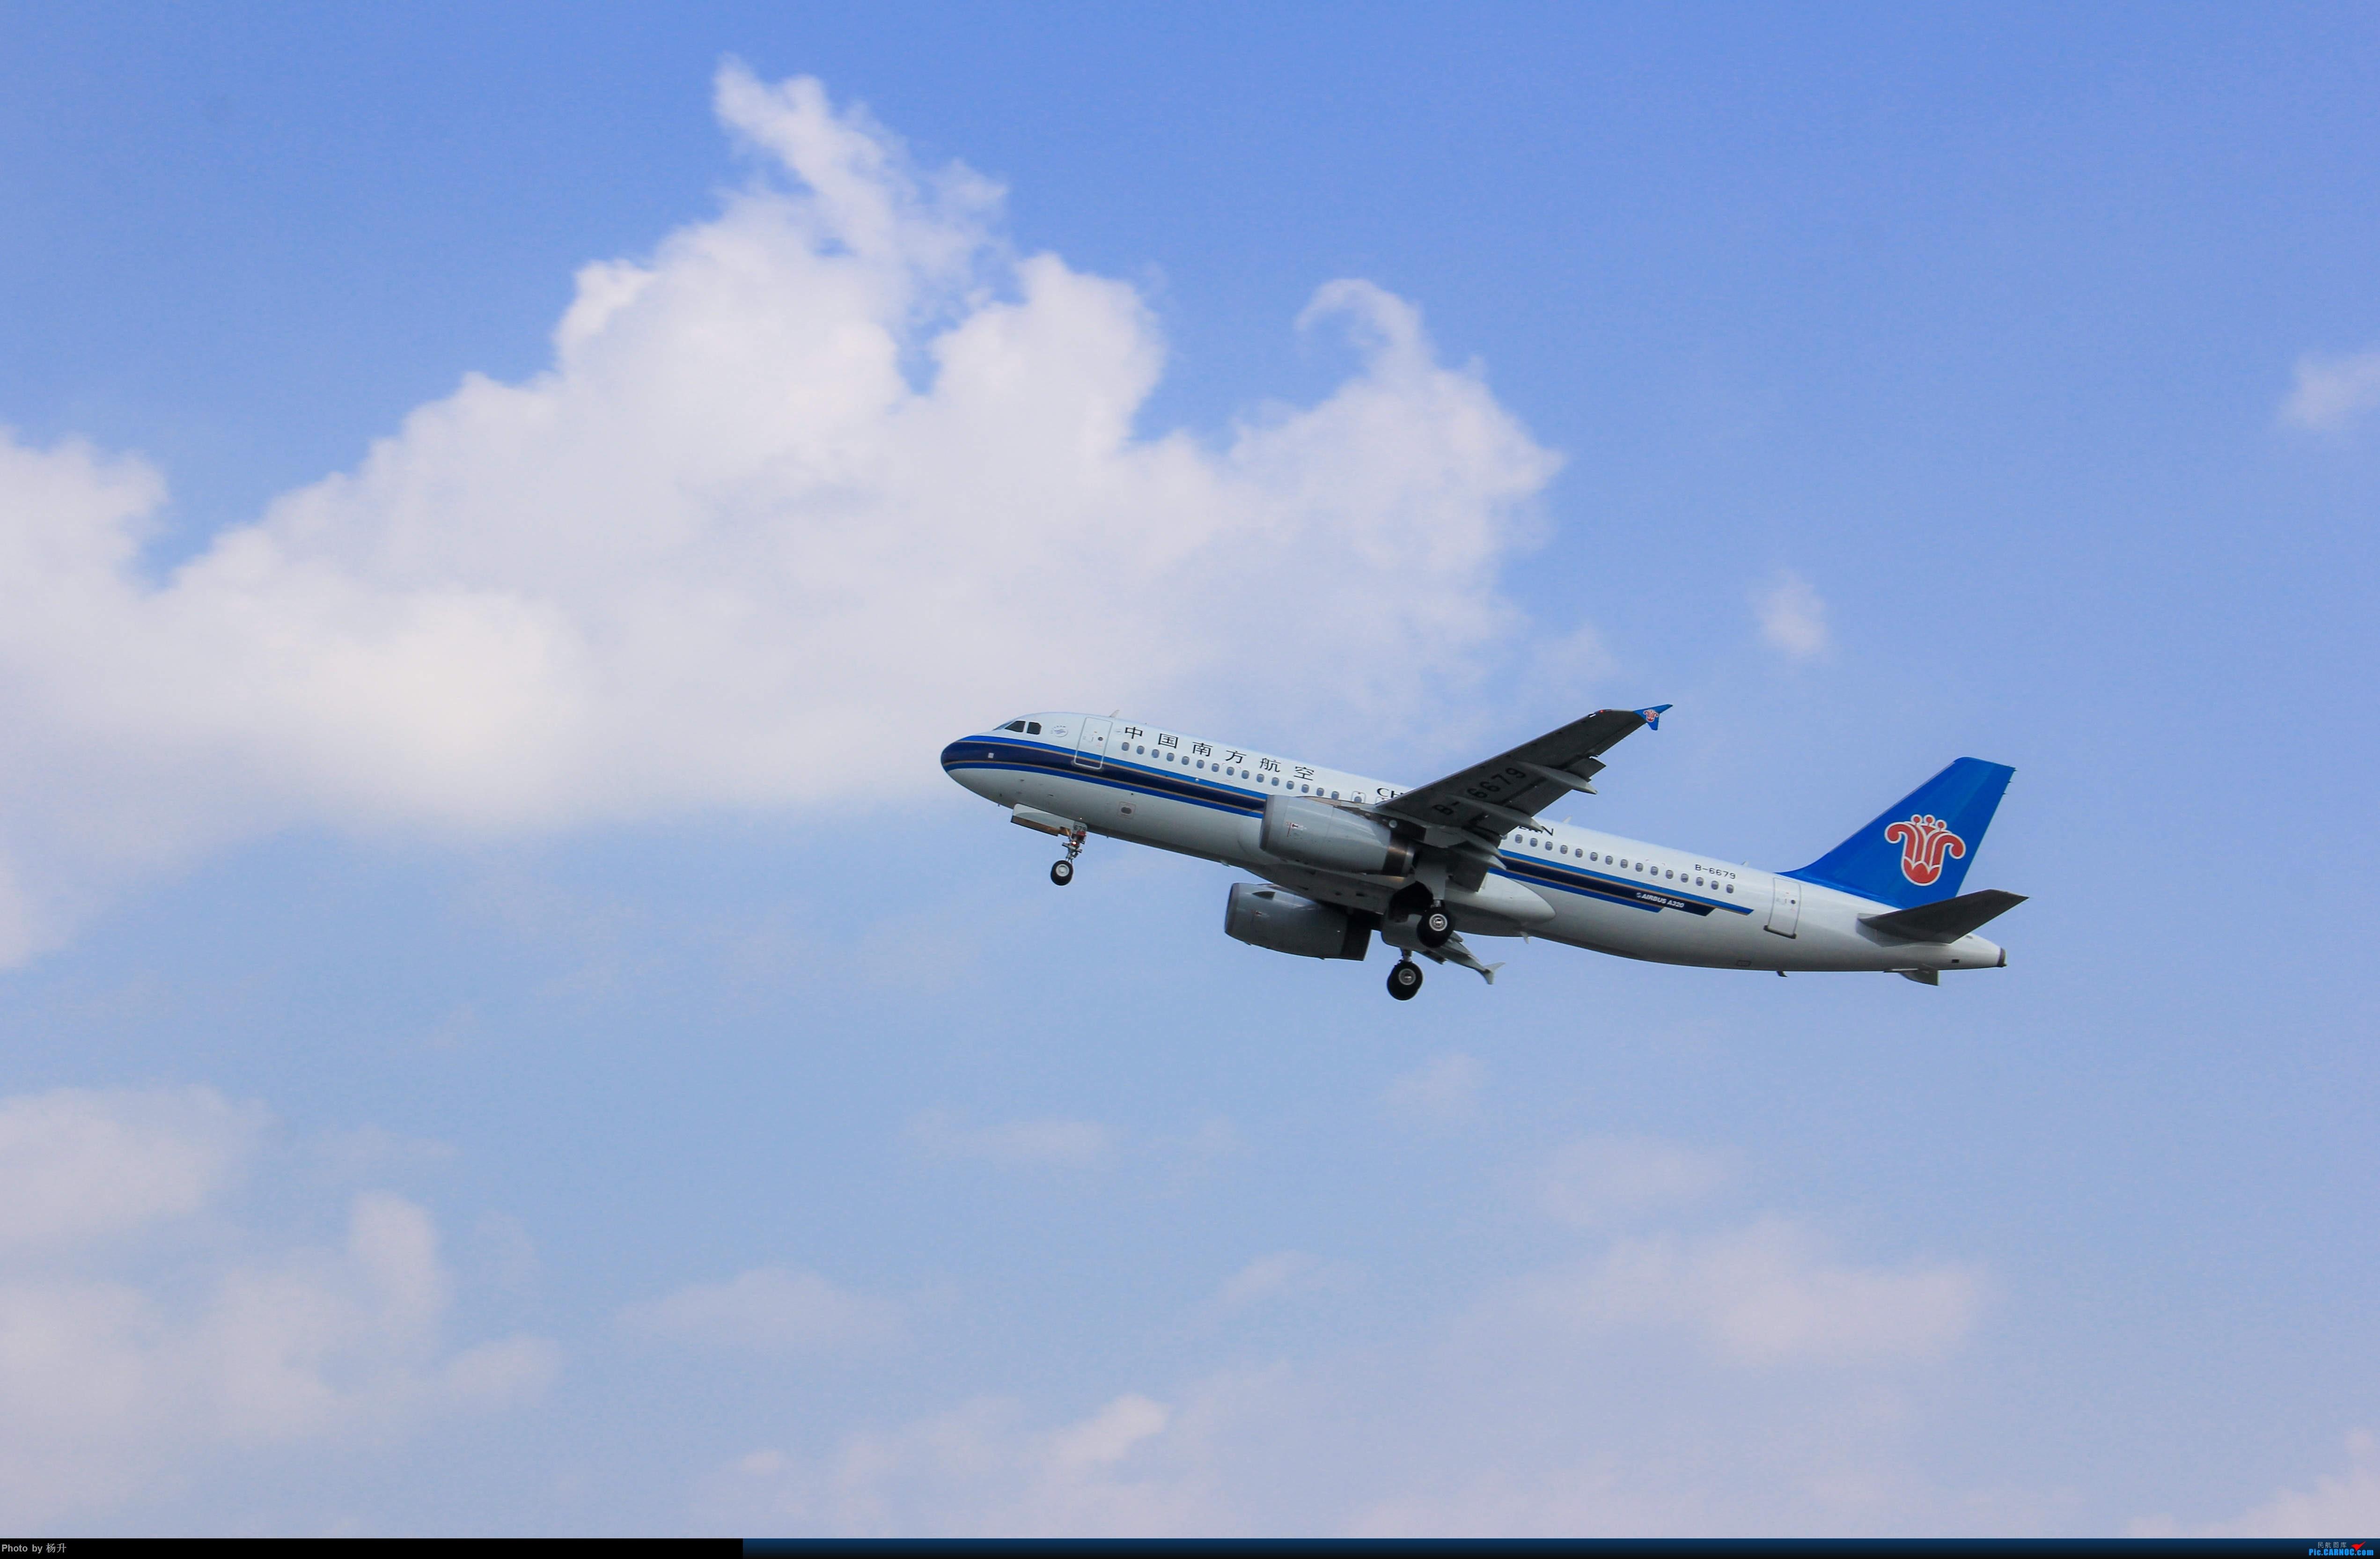 [原创]【SHE】沈阳桃仙国际机场拍机 更新啦 AIRBUS A320-200 B-6679 中国沈阳桃仙国际机场